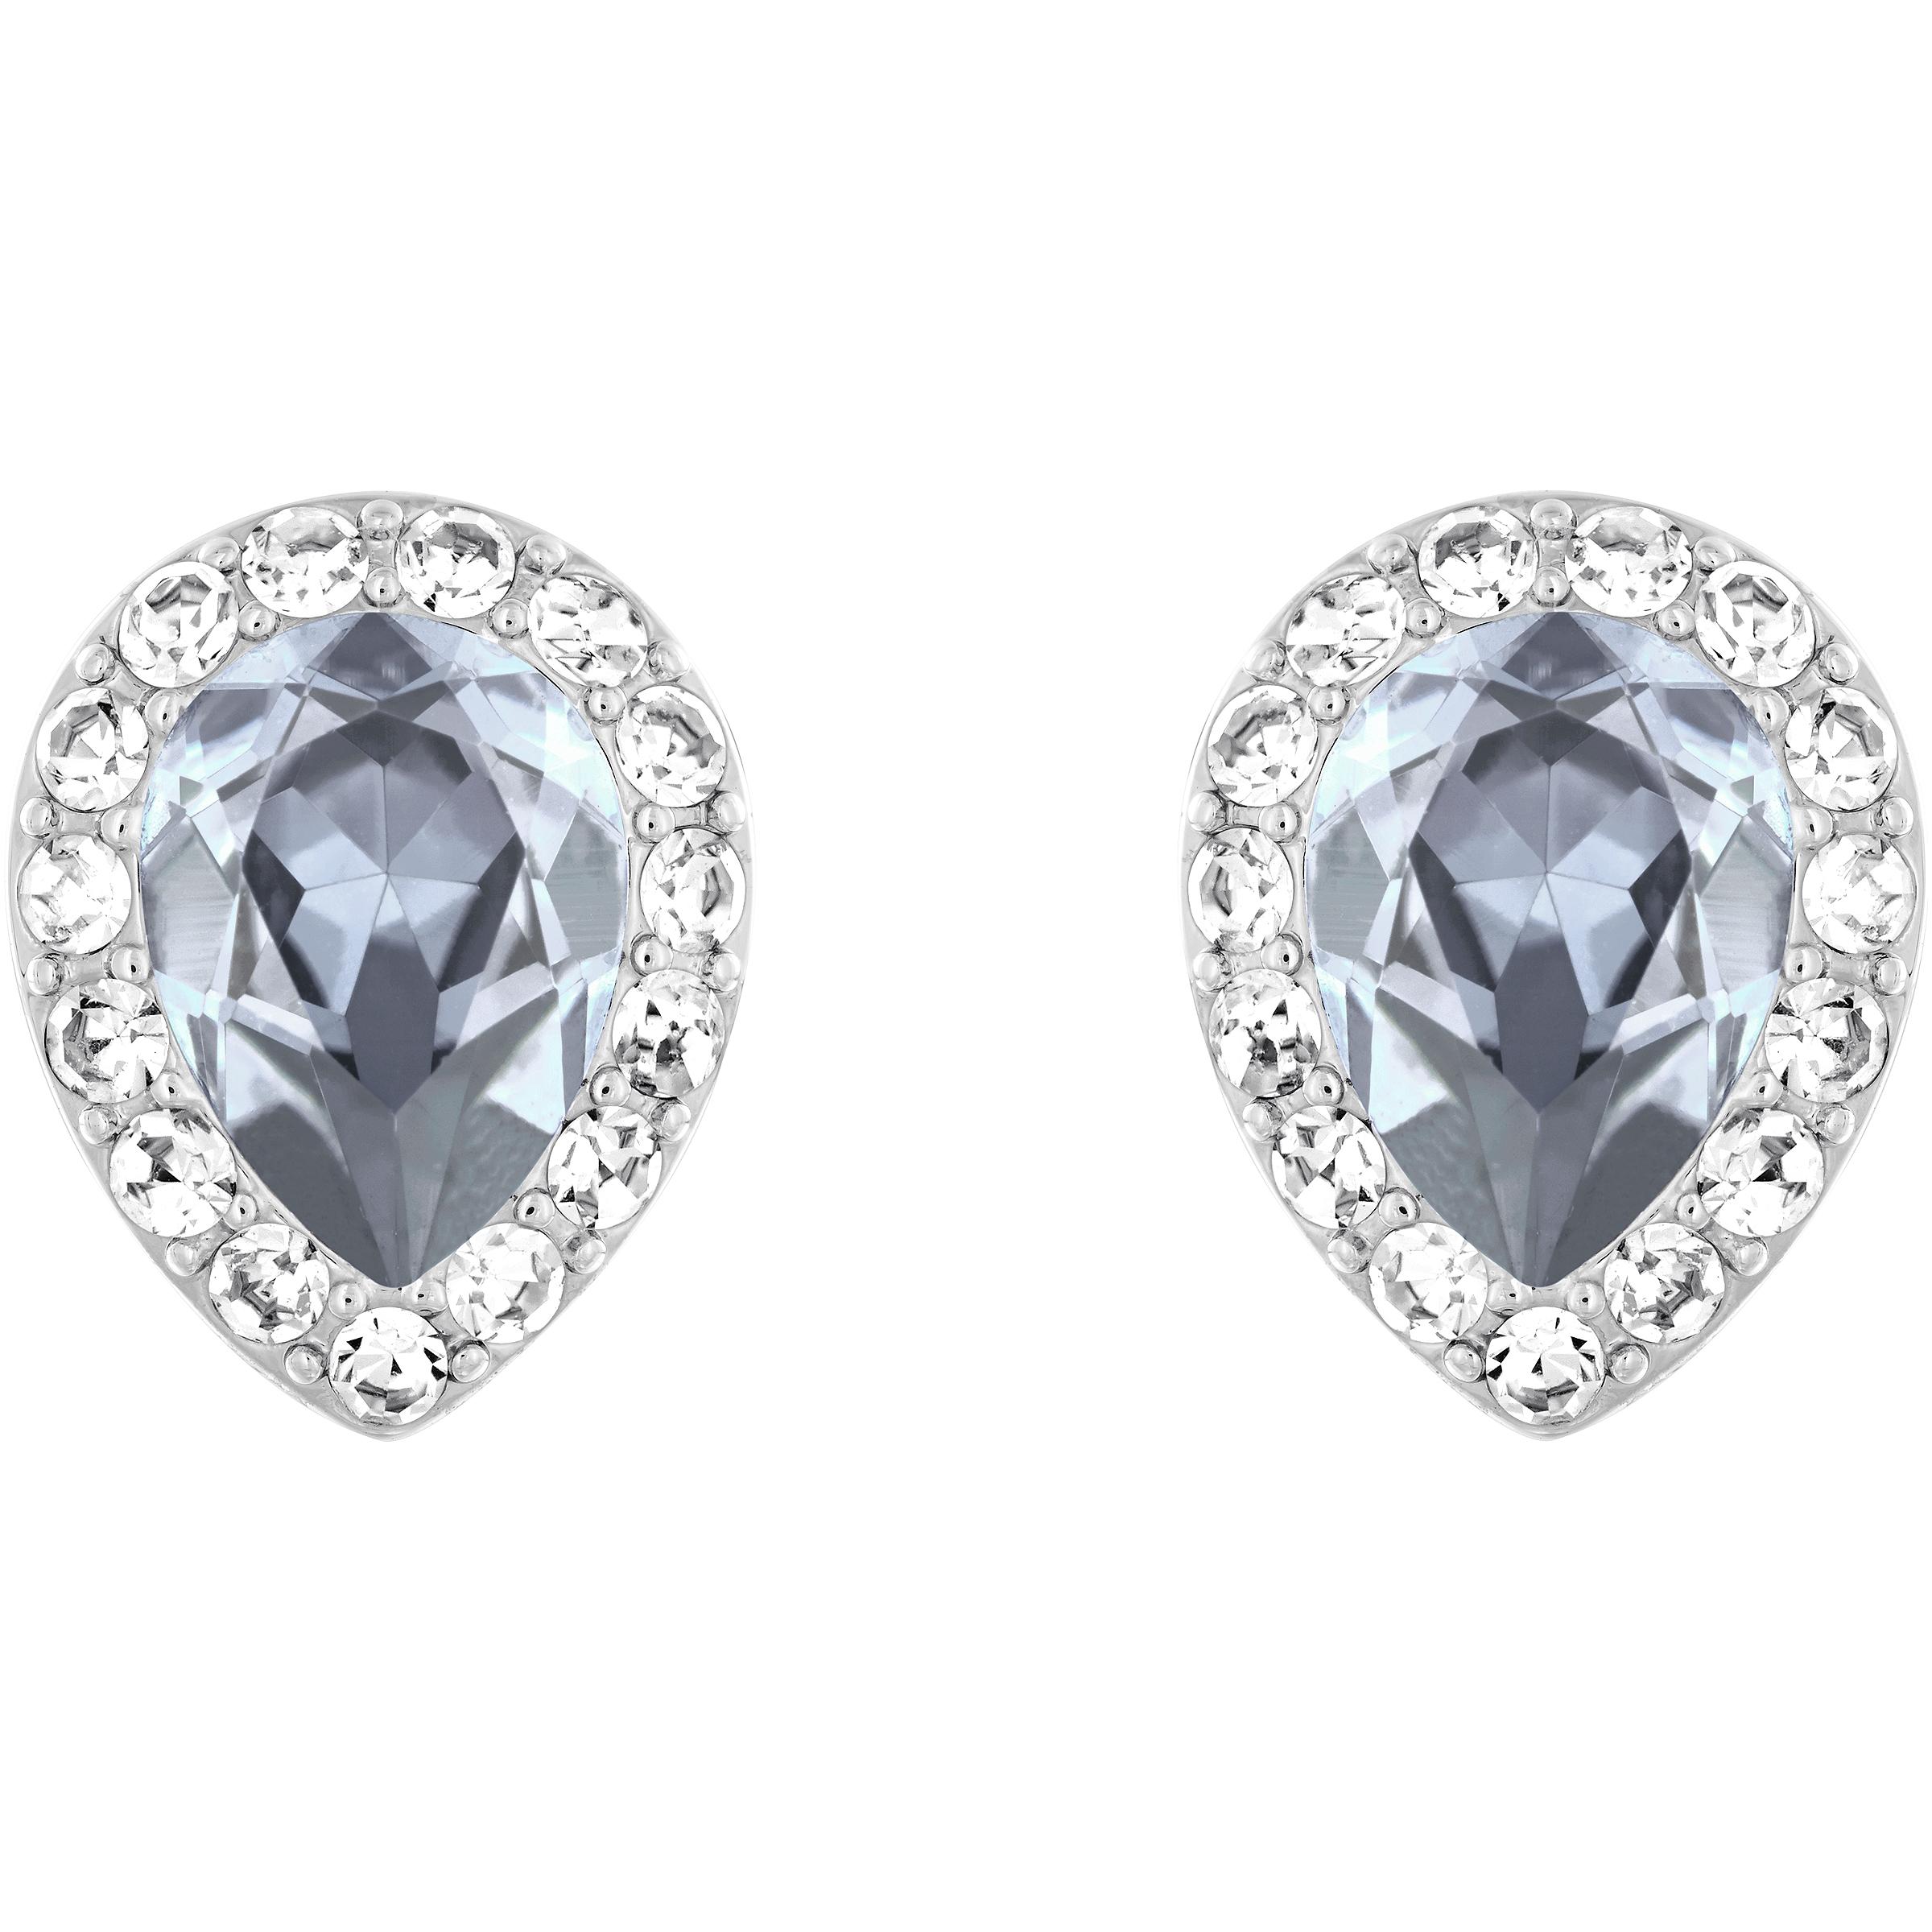 Christie Pear Pierced Earrings